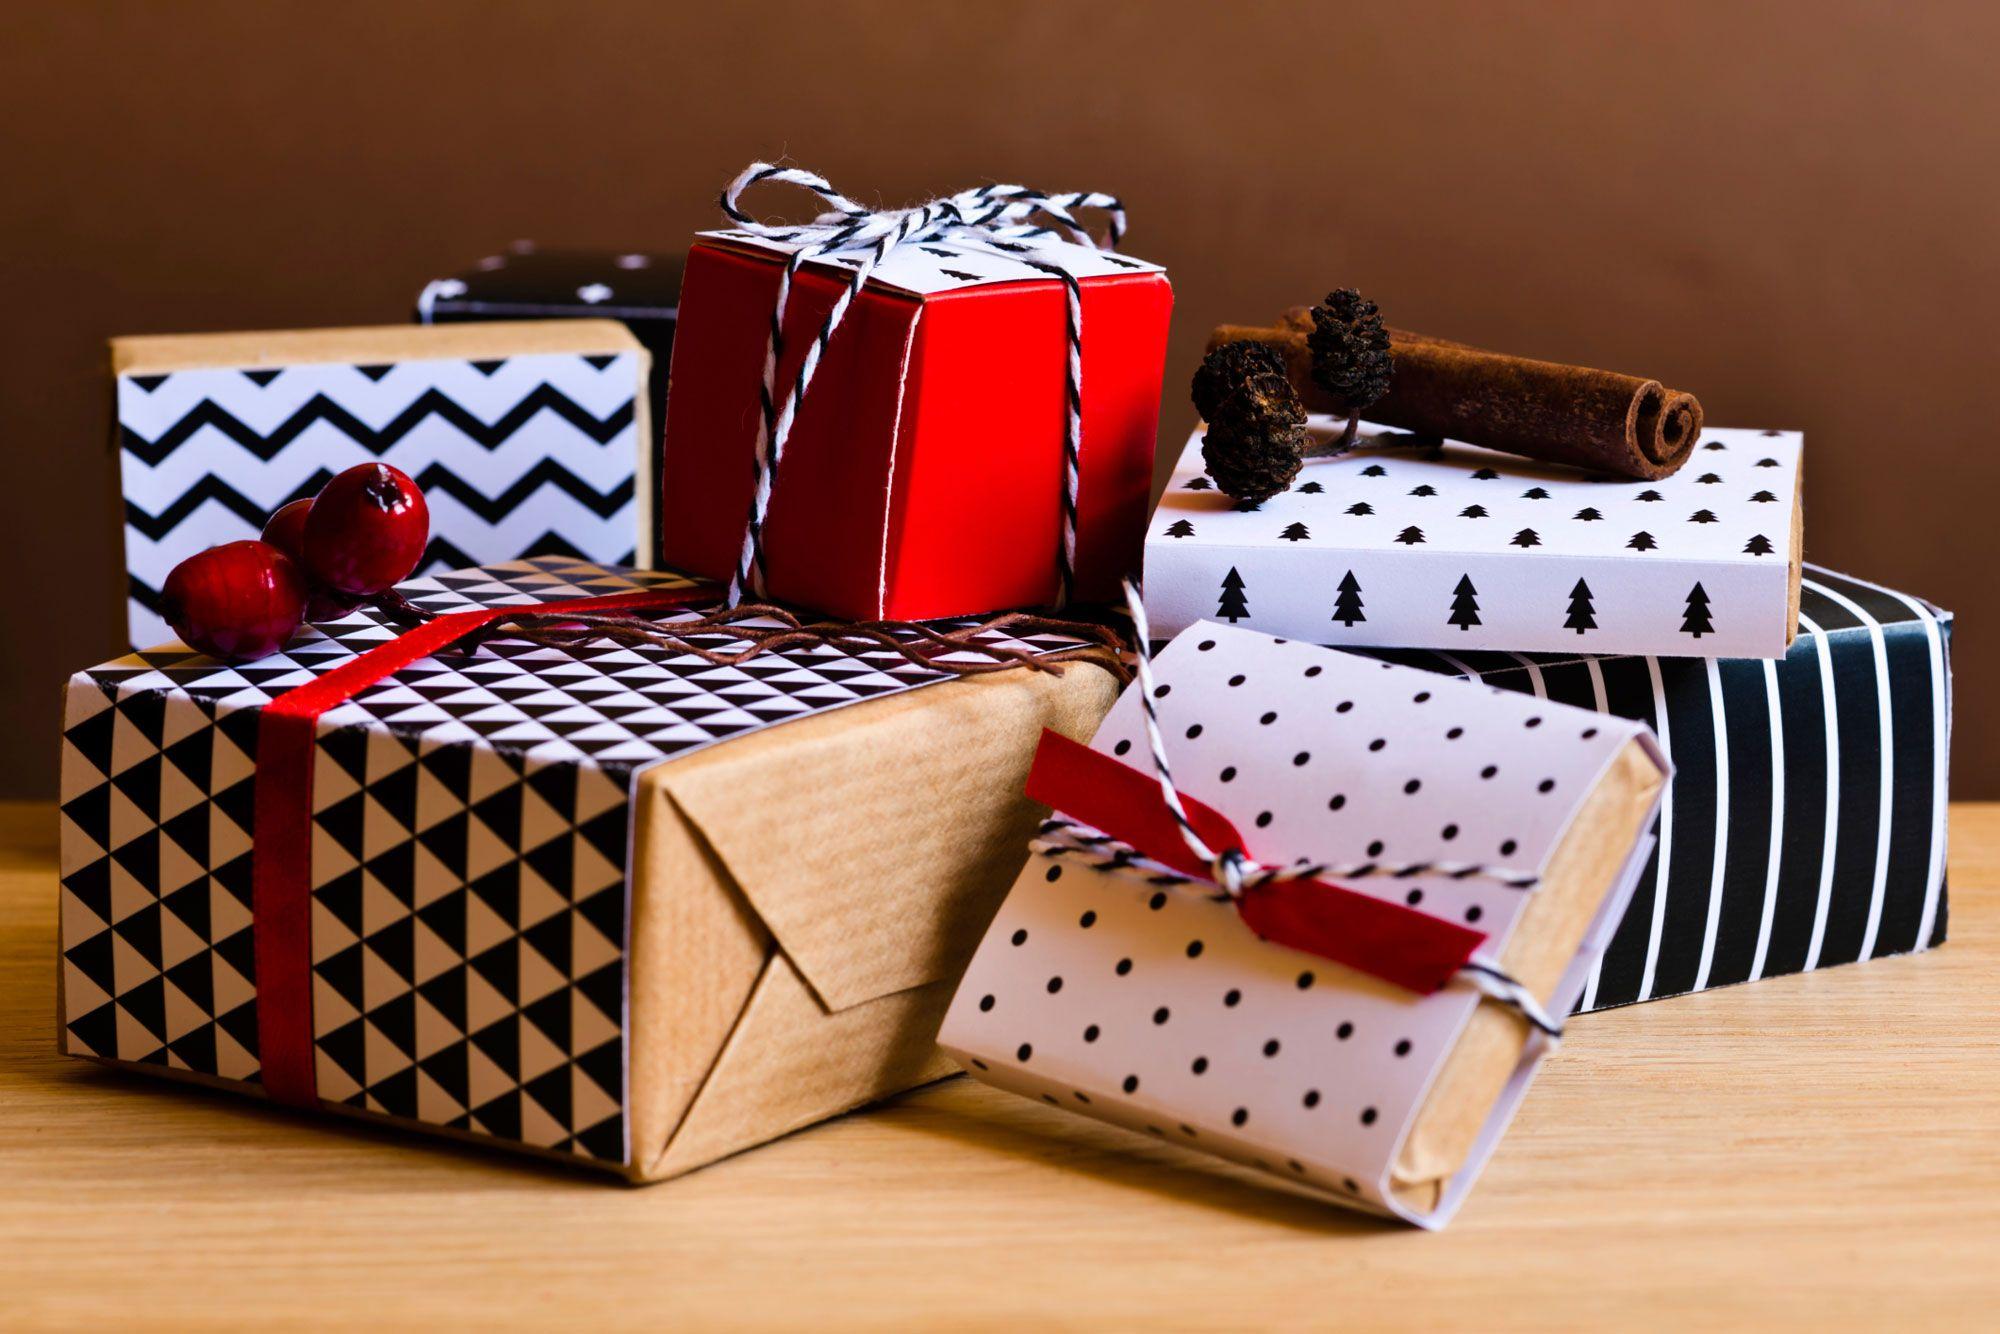 Envoltorios originales para regalos de Navidad